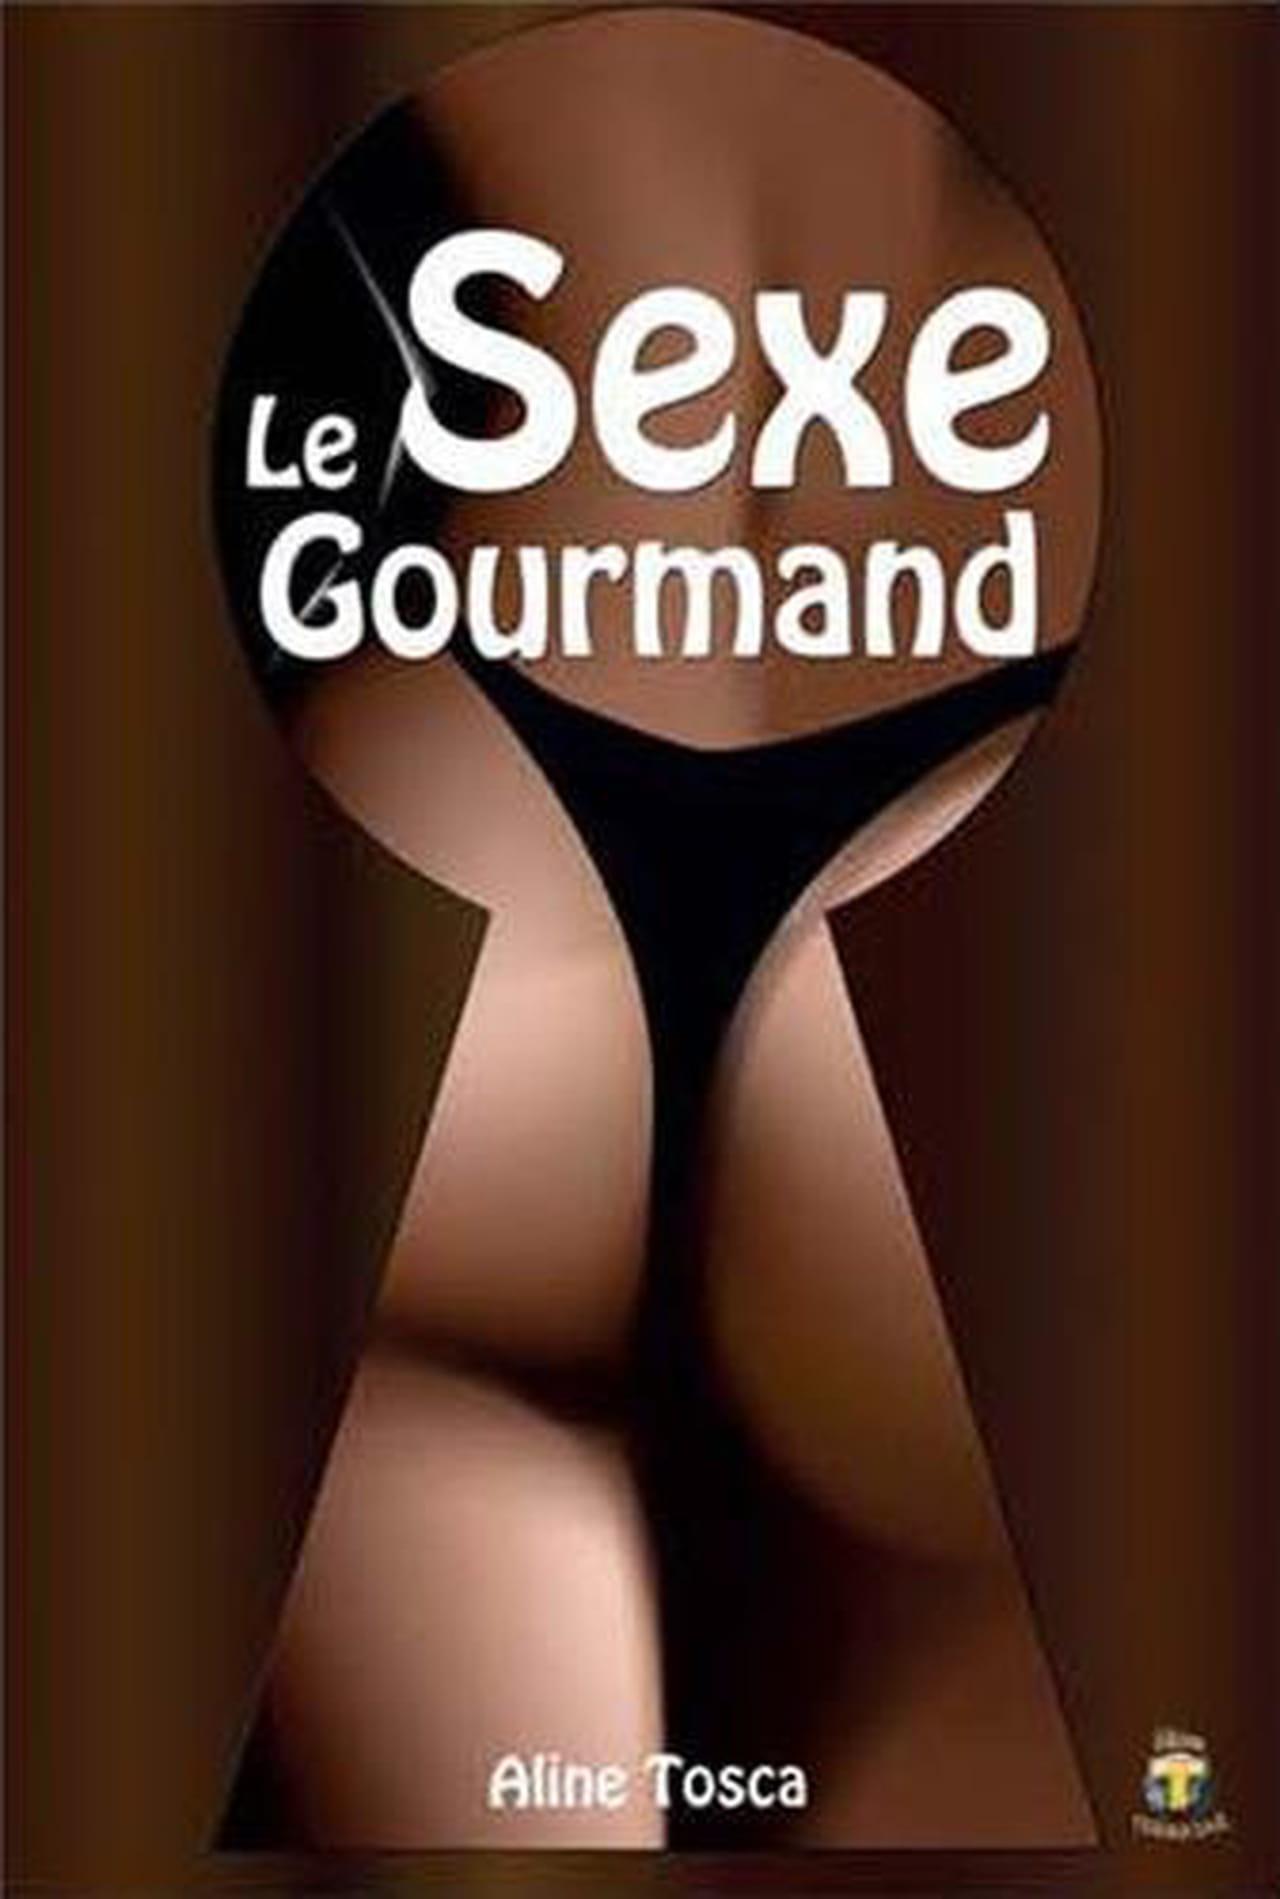 le sexe erotique forum sexe